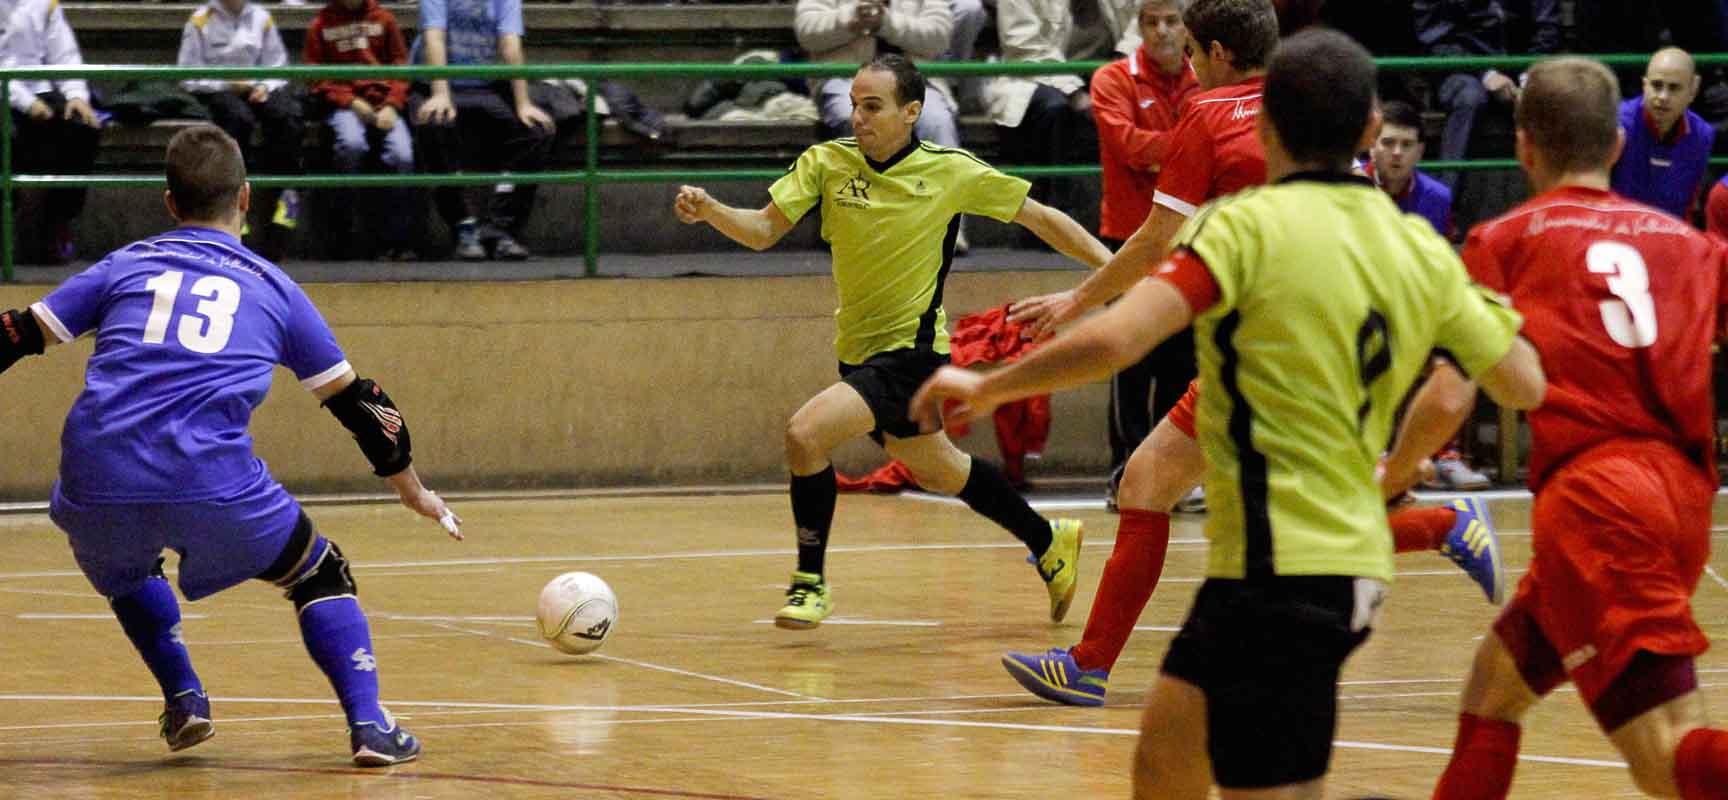 Imagen de un partido entre el FS Cuélar Cojalba y UVa.